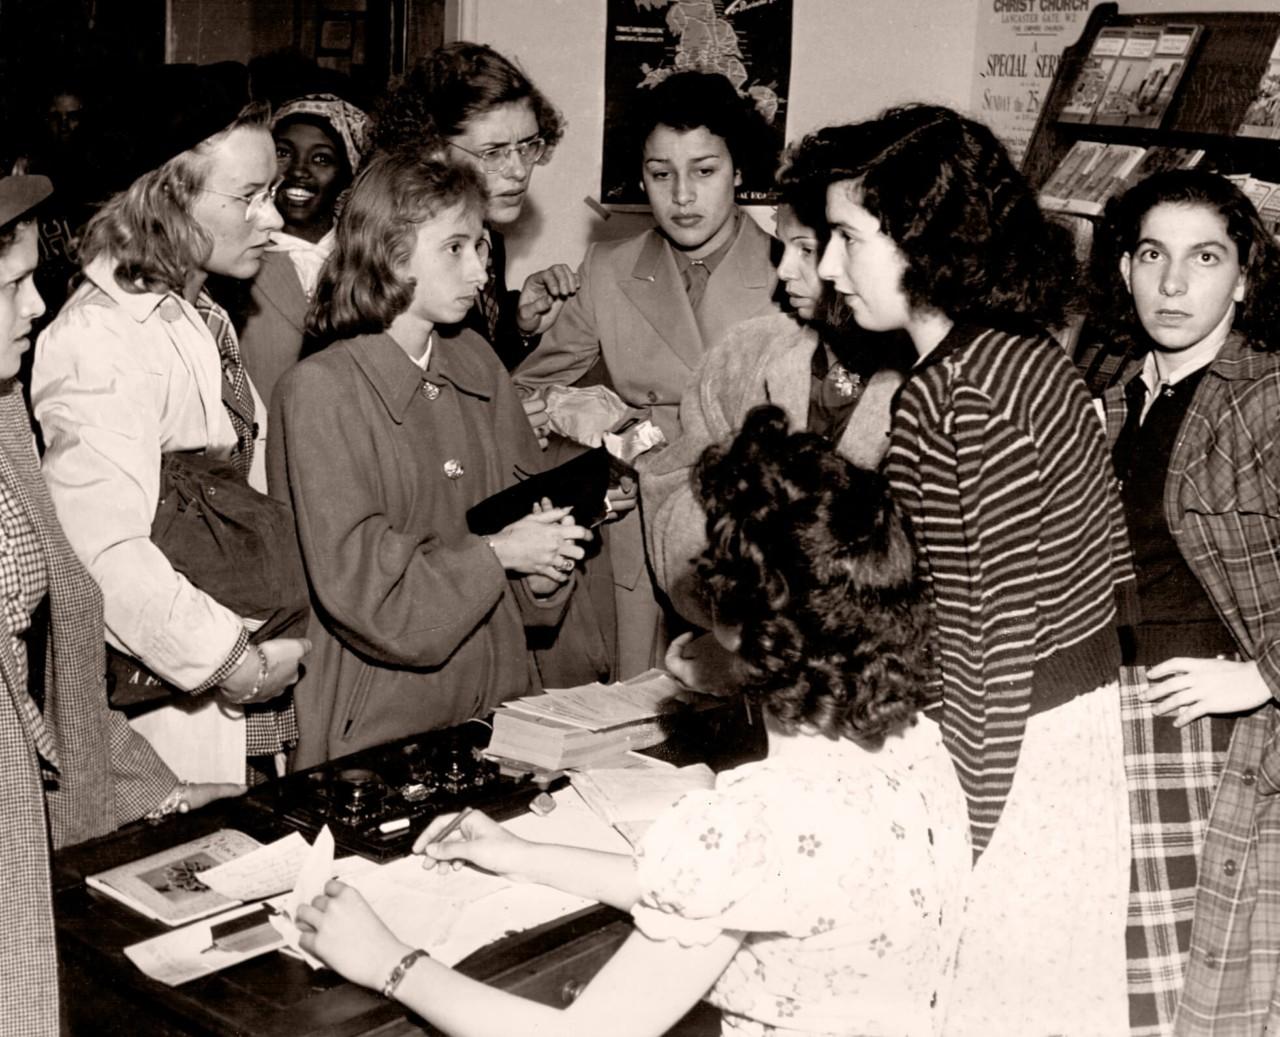 Atletas do Brasil se registram no Southland College, que serviu de alojamento para as mulheres em Londres  - Chris Ware / Revista Fon Fon